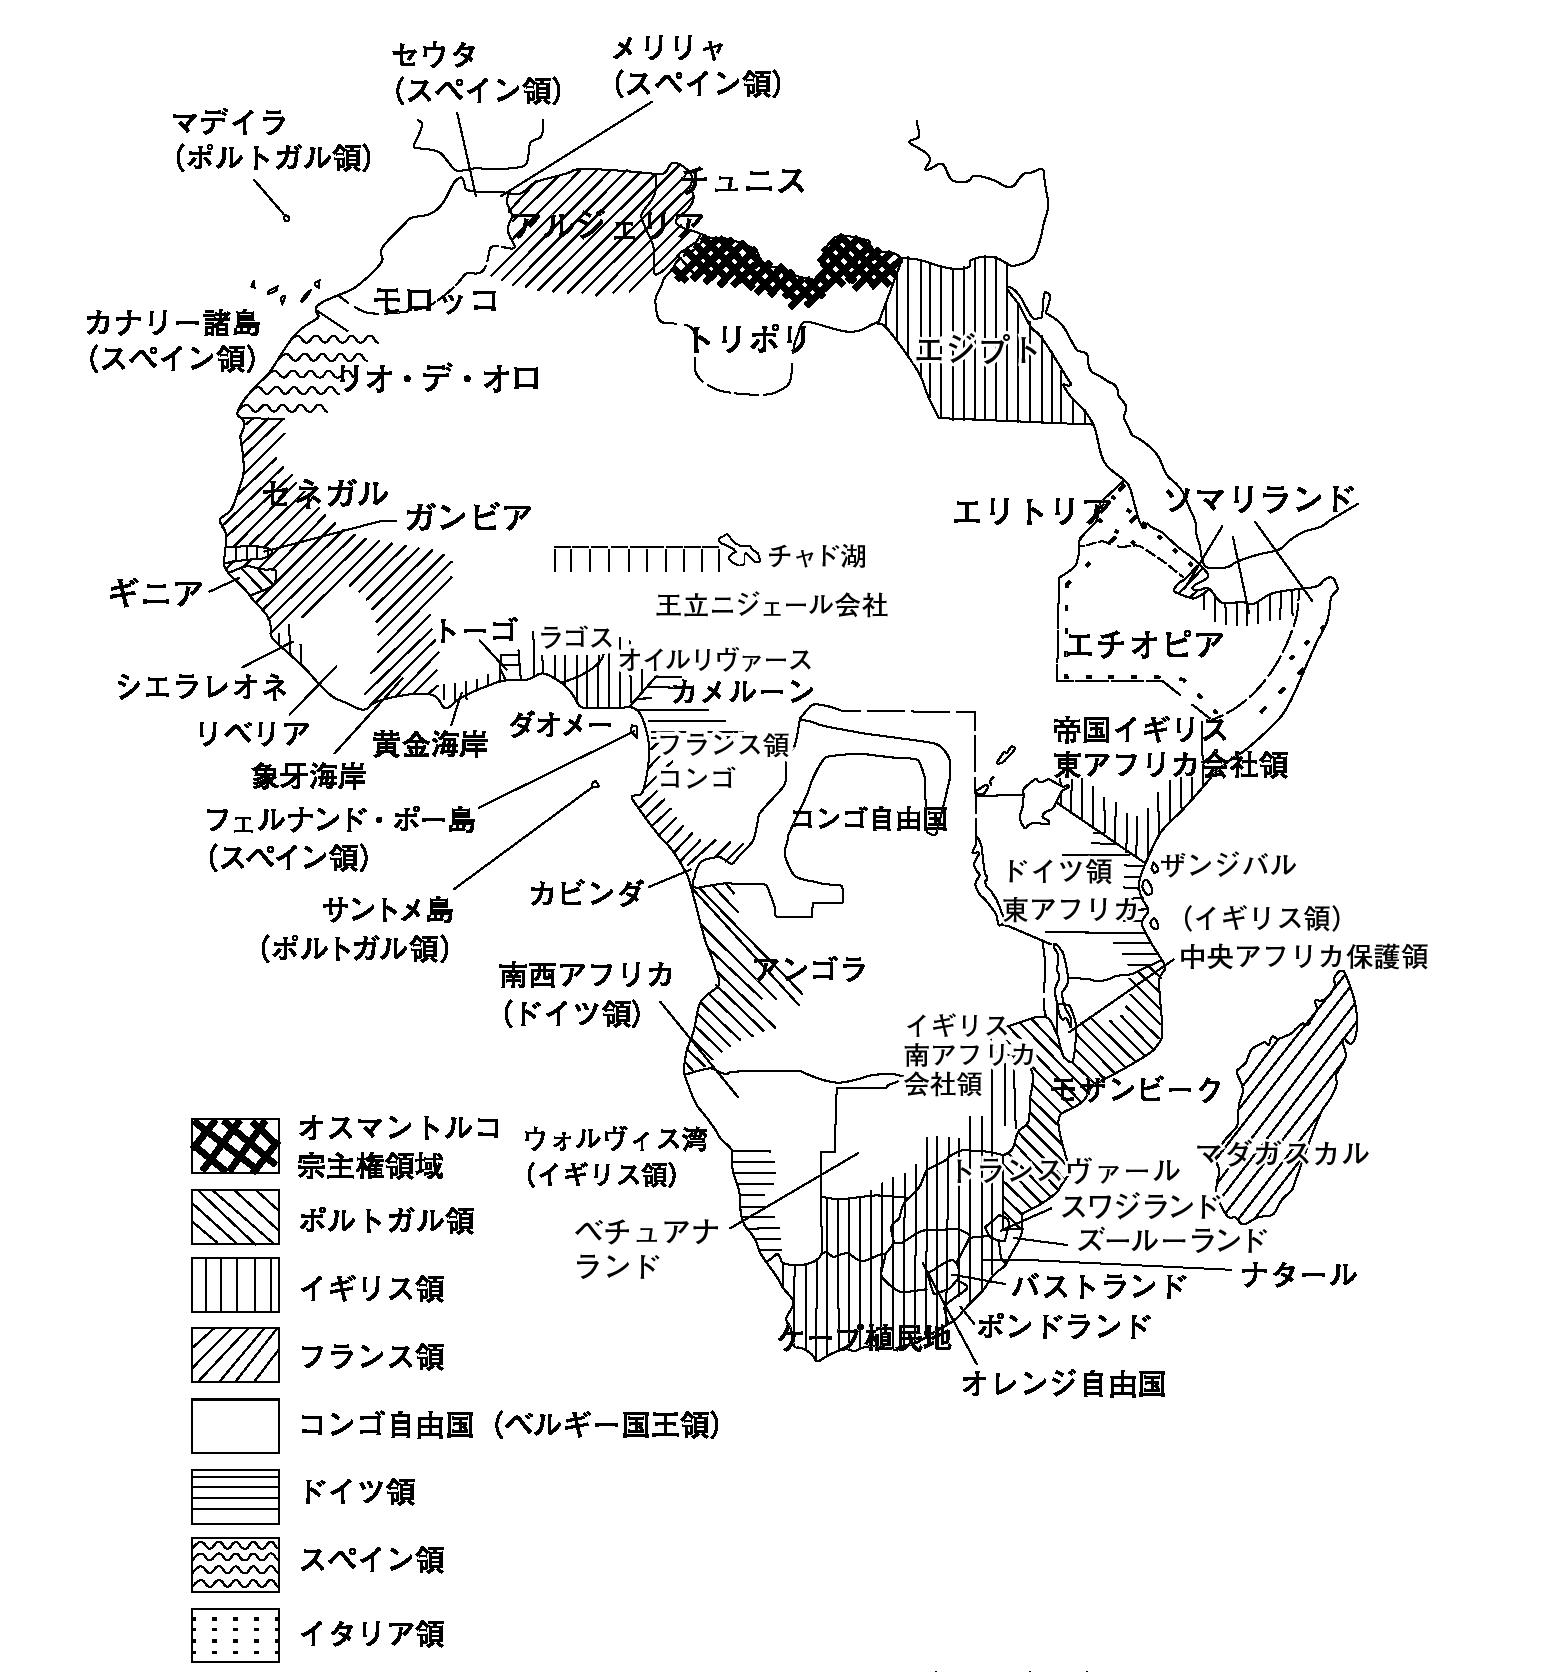 図1.アフリカ分割(1891年頃) A. porter (ed.), The Oxford History of the British Empire vol.III: The Nineteenth Century. Oxford/New York, 1999, p.647. Map27.2